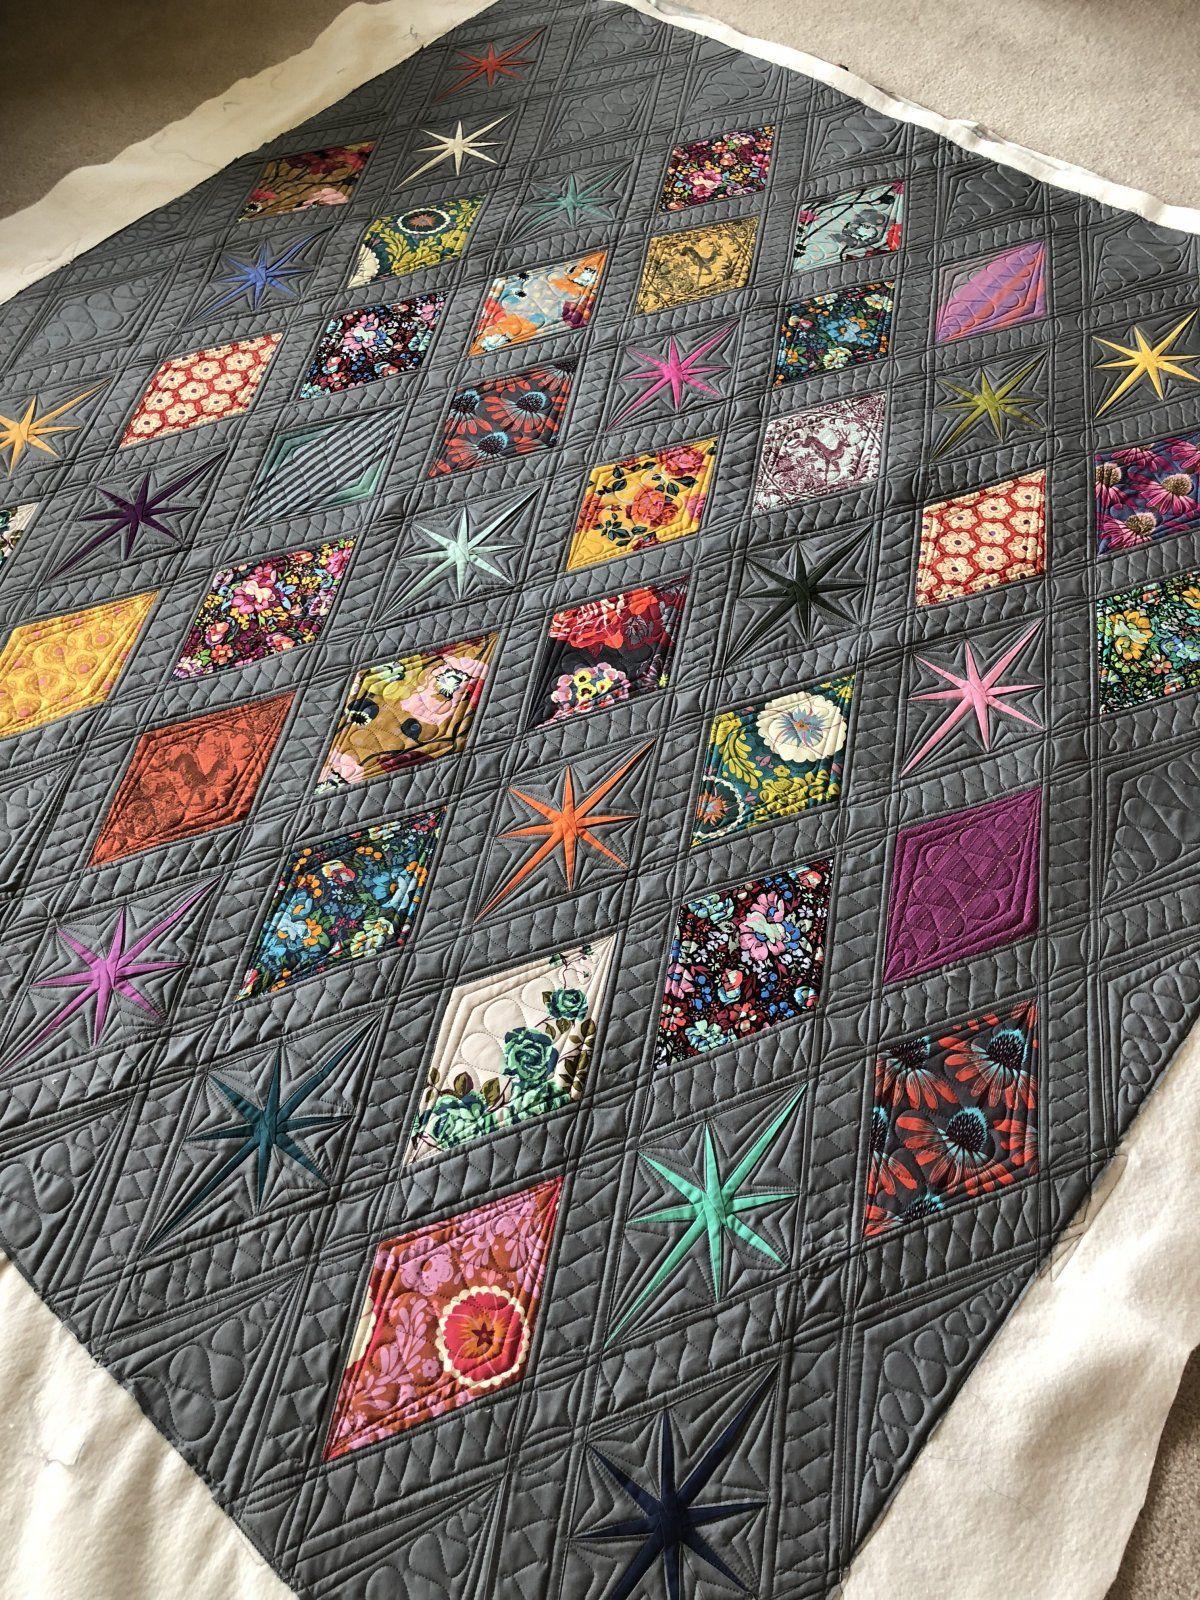 Atomic Starburst Quilt Kit Anna Maria Horner 62 x 66 #modernquiltingdesigns